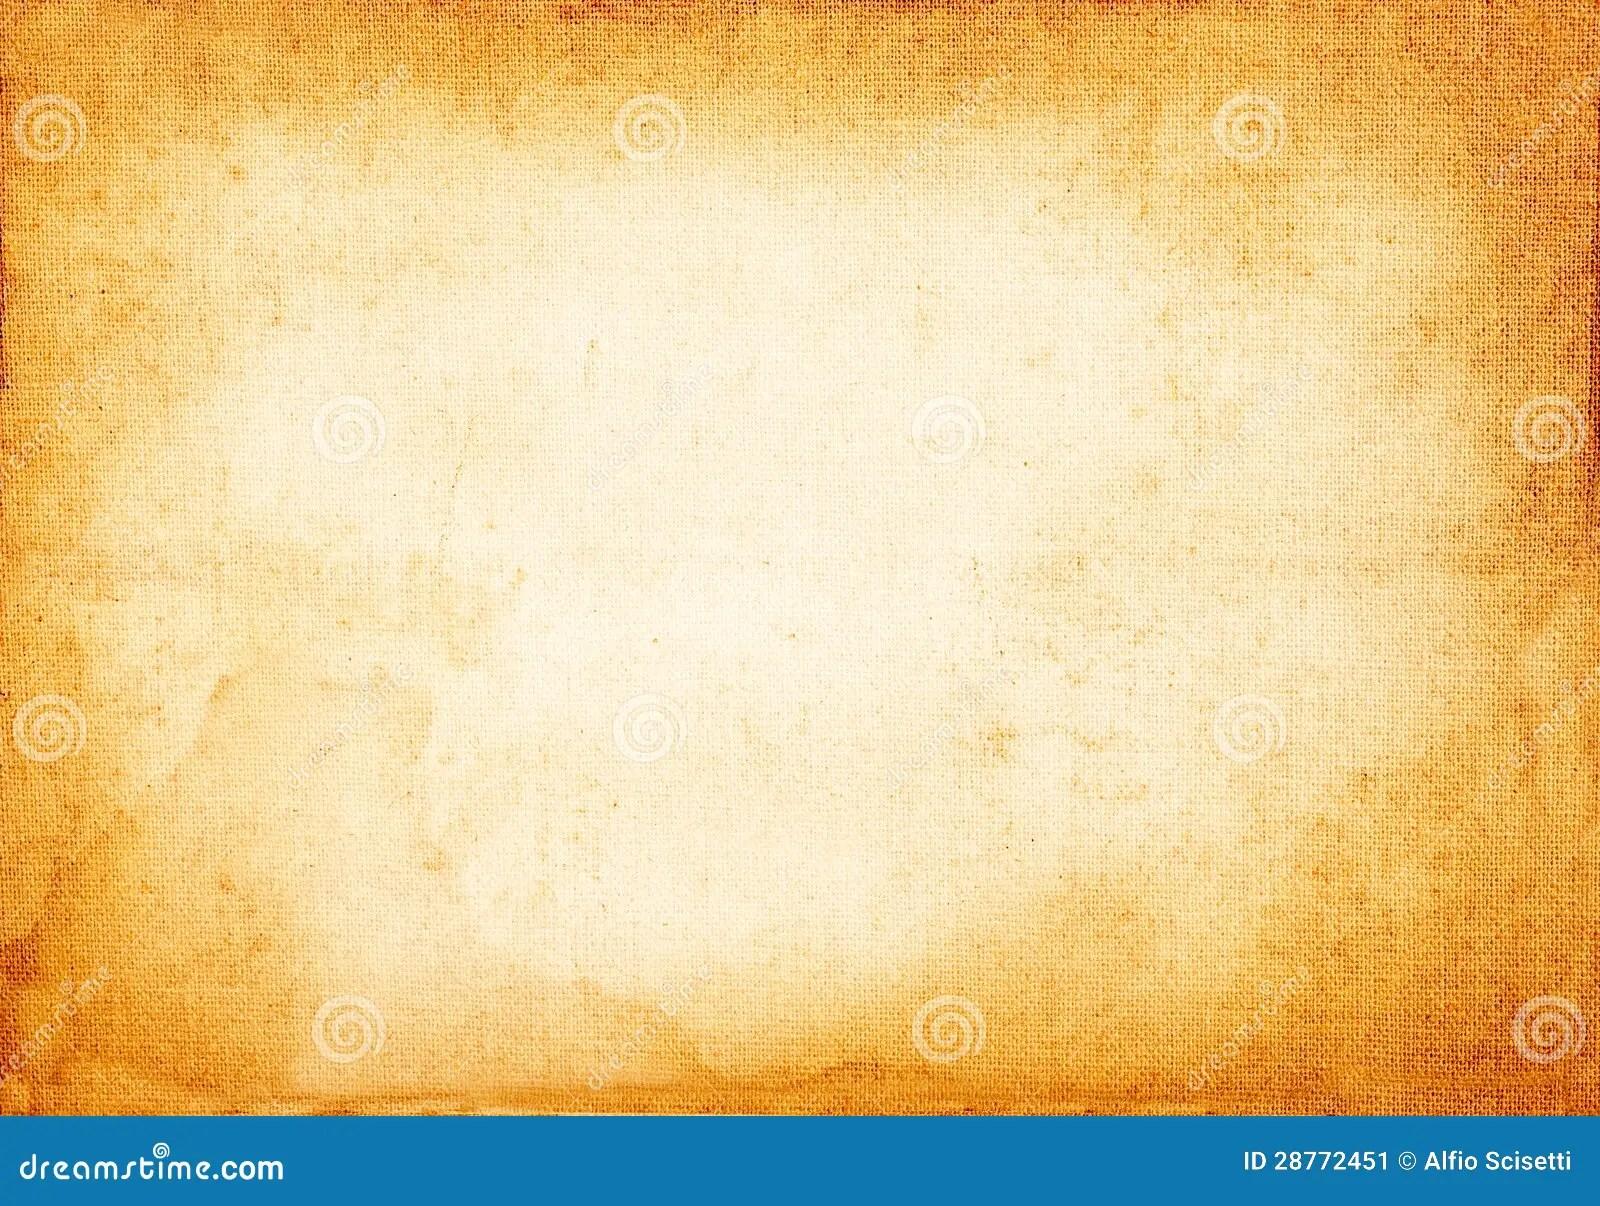 Old Parchment Stock Illustration Image Of Parchement